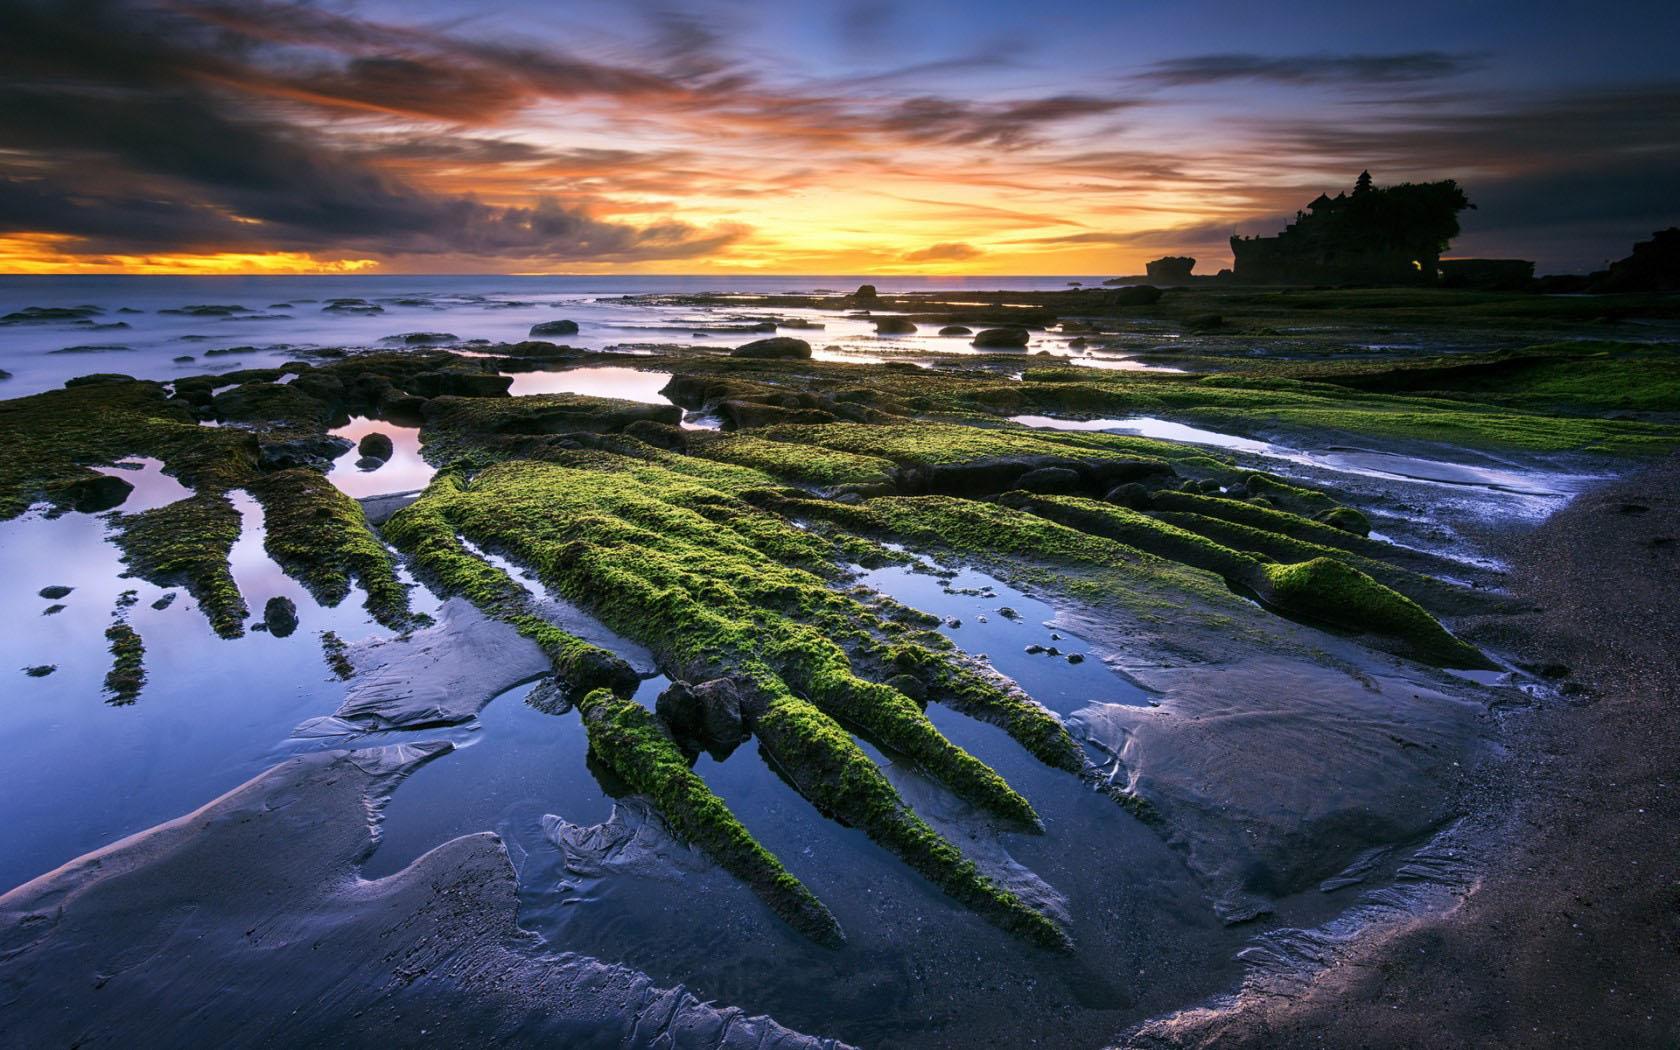 印度尼西亚巴厘岛6日5晚跟团游·国际五星酒店+海景下午茶+2天自由